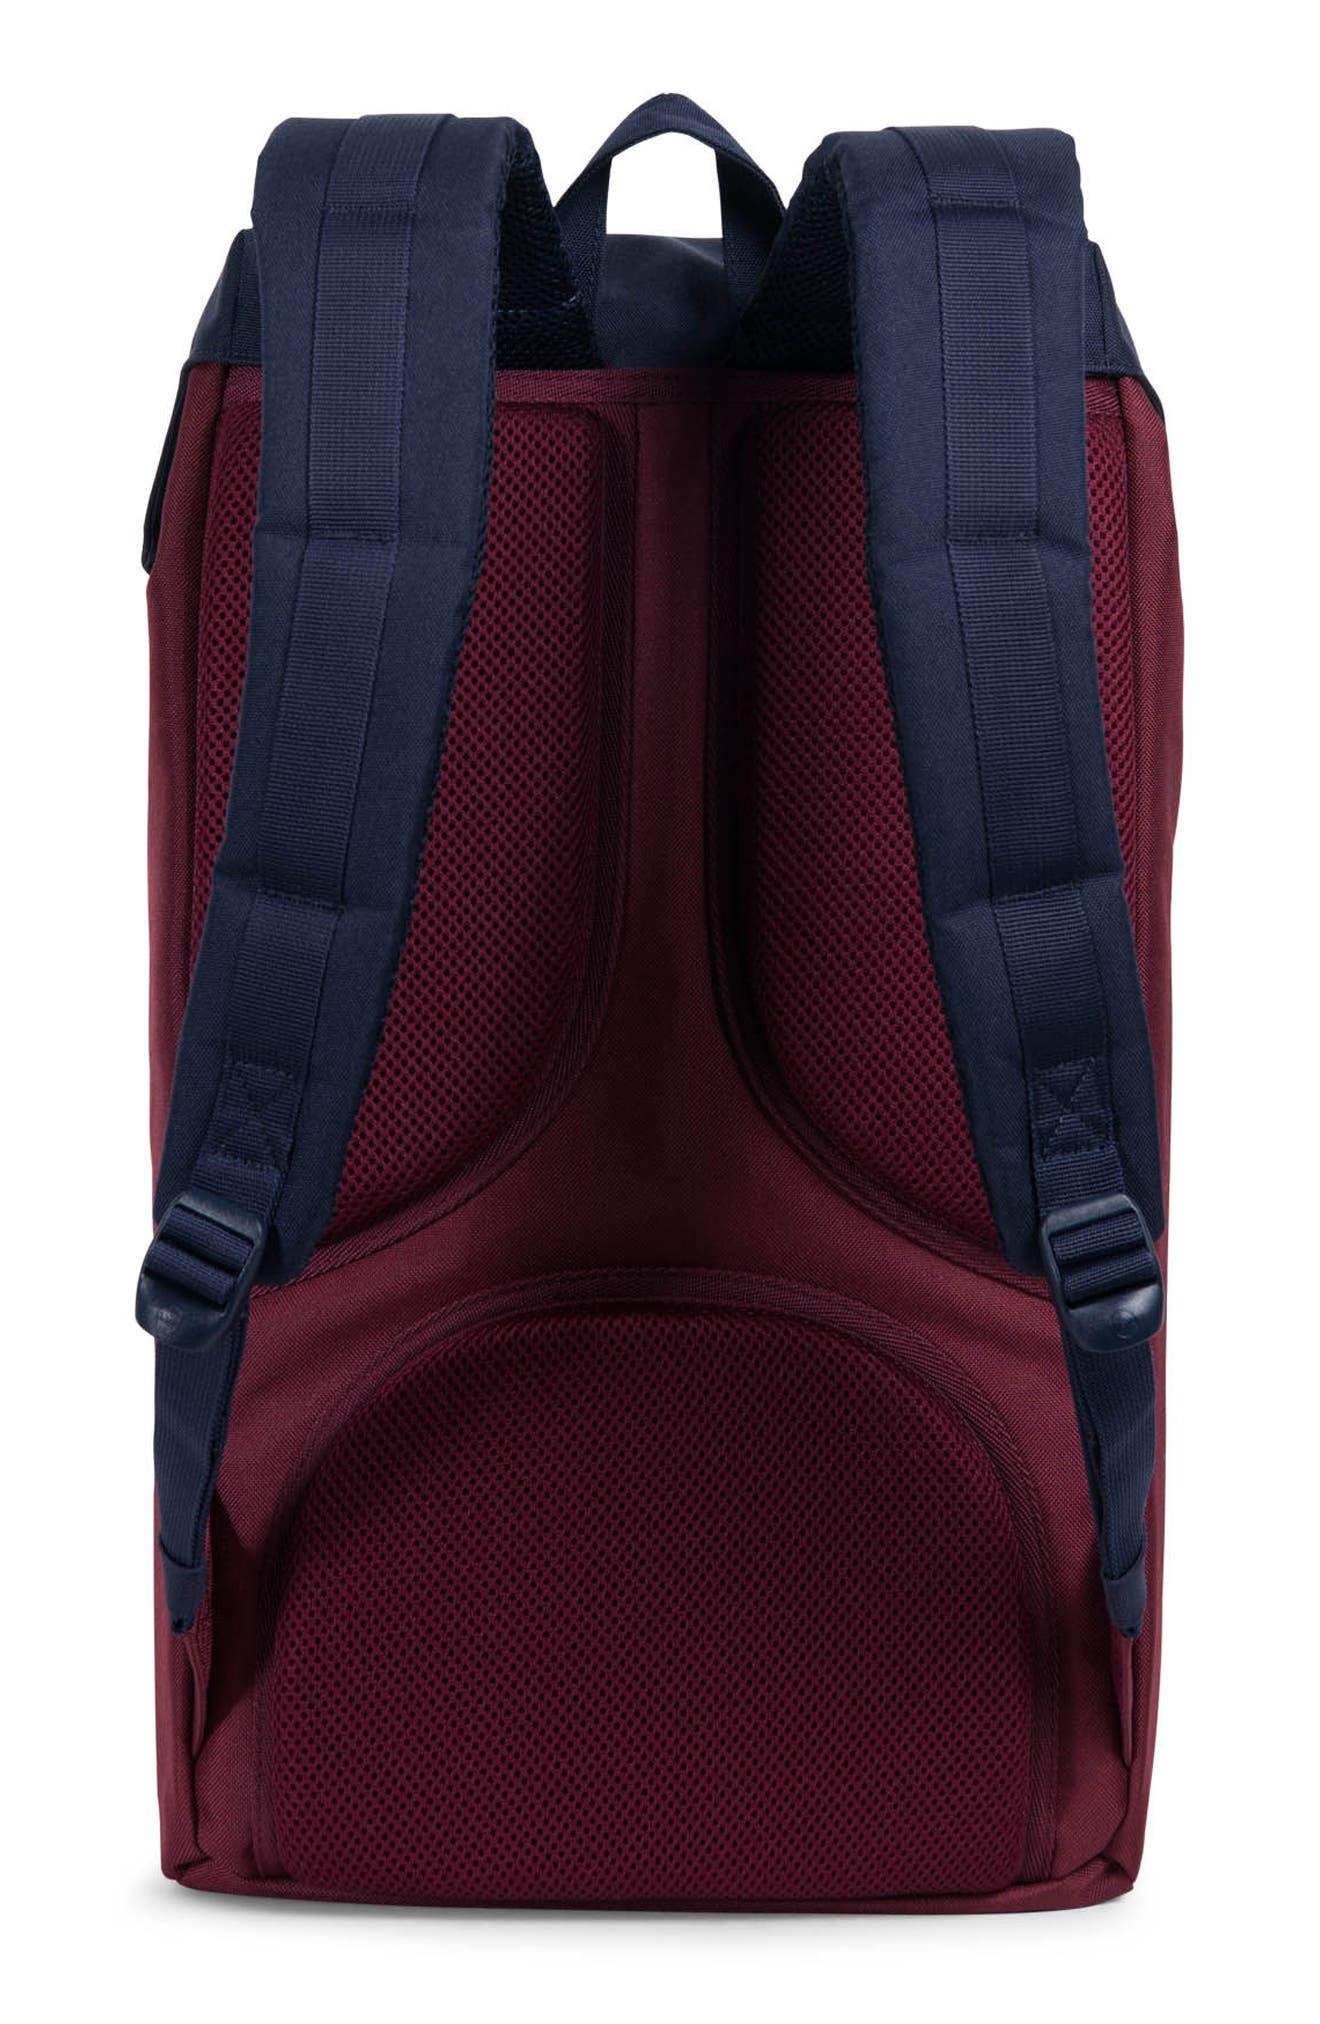 Little America Backpack,                             Alternate thumbnail 2, color,                             Windsor Wine/